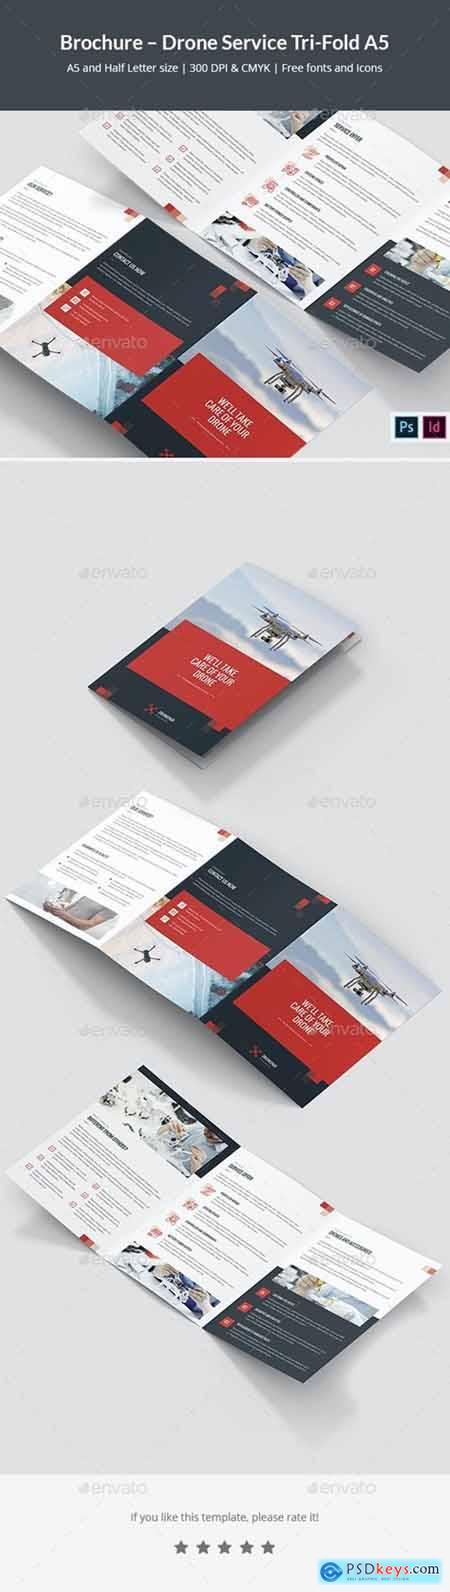 Brochure – Drone Service Tri-Fold A5 26501074